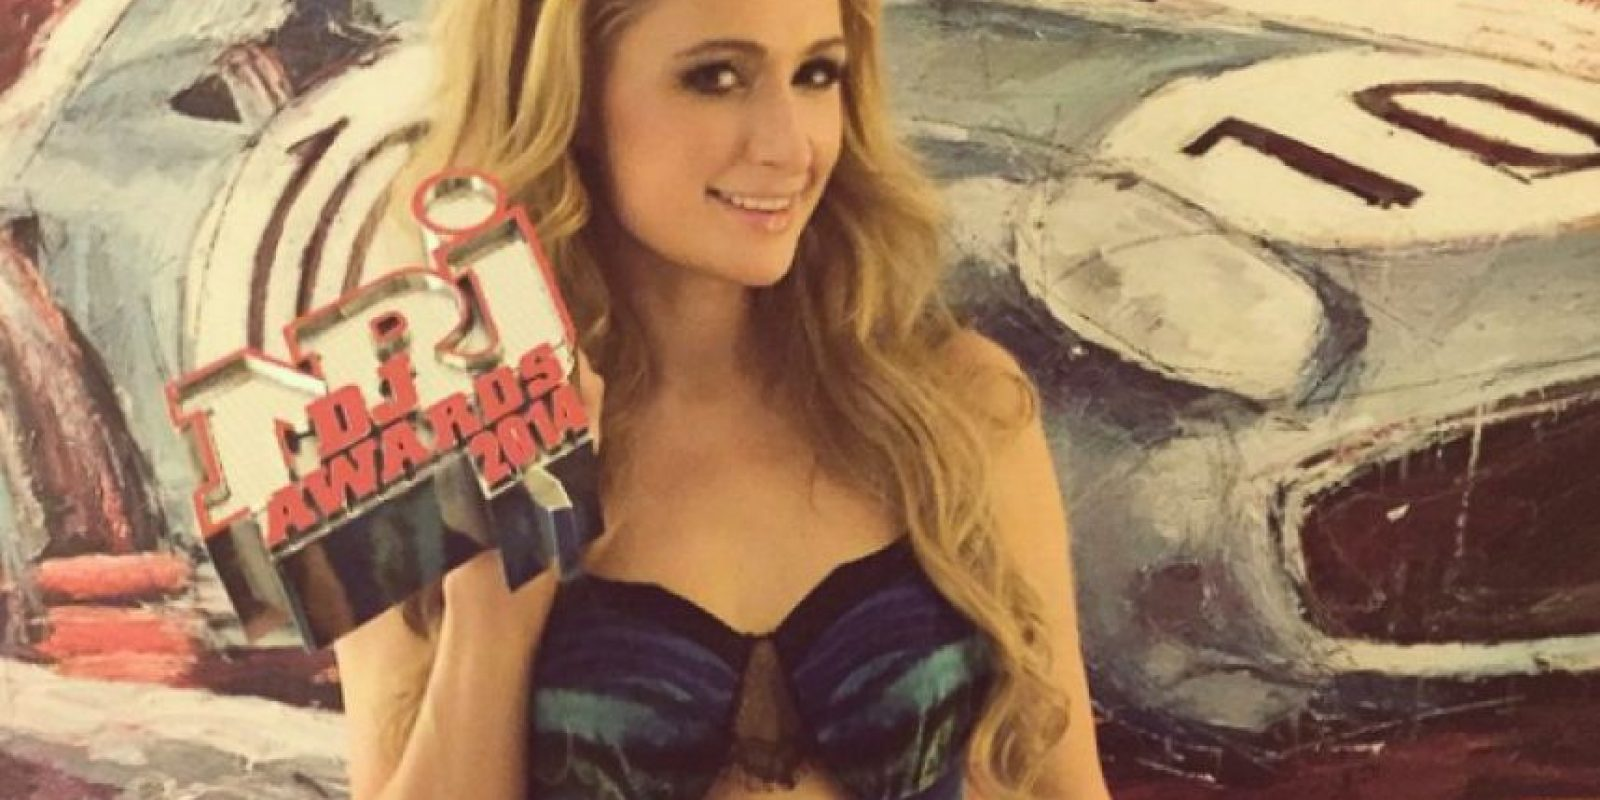 """Paris Hilton ganó el premio a la """"Mujer revelación del año"""" de los premios """"NRJ DJ Awards"""" Foto:Instagram/Paris Hilton"""